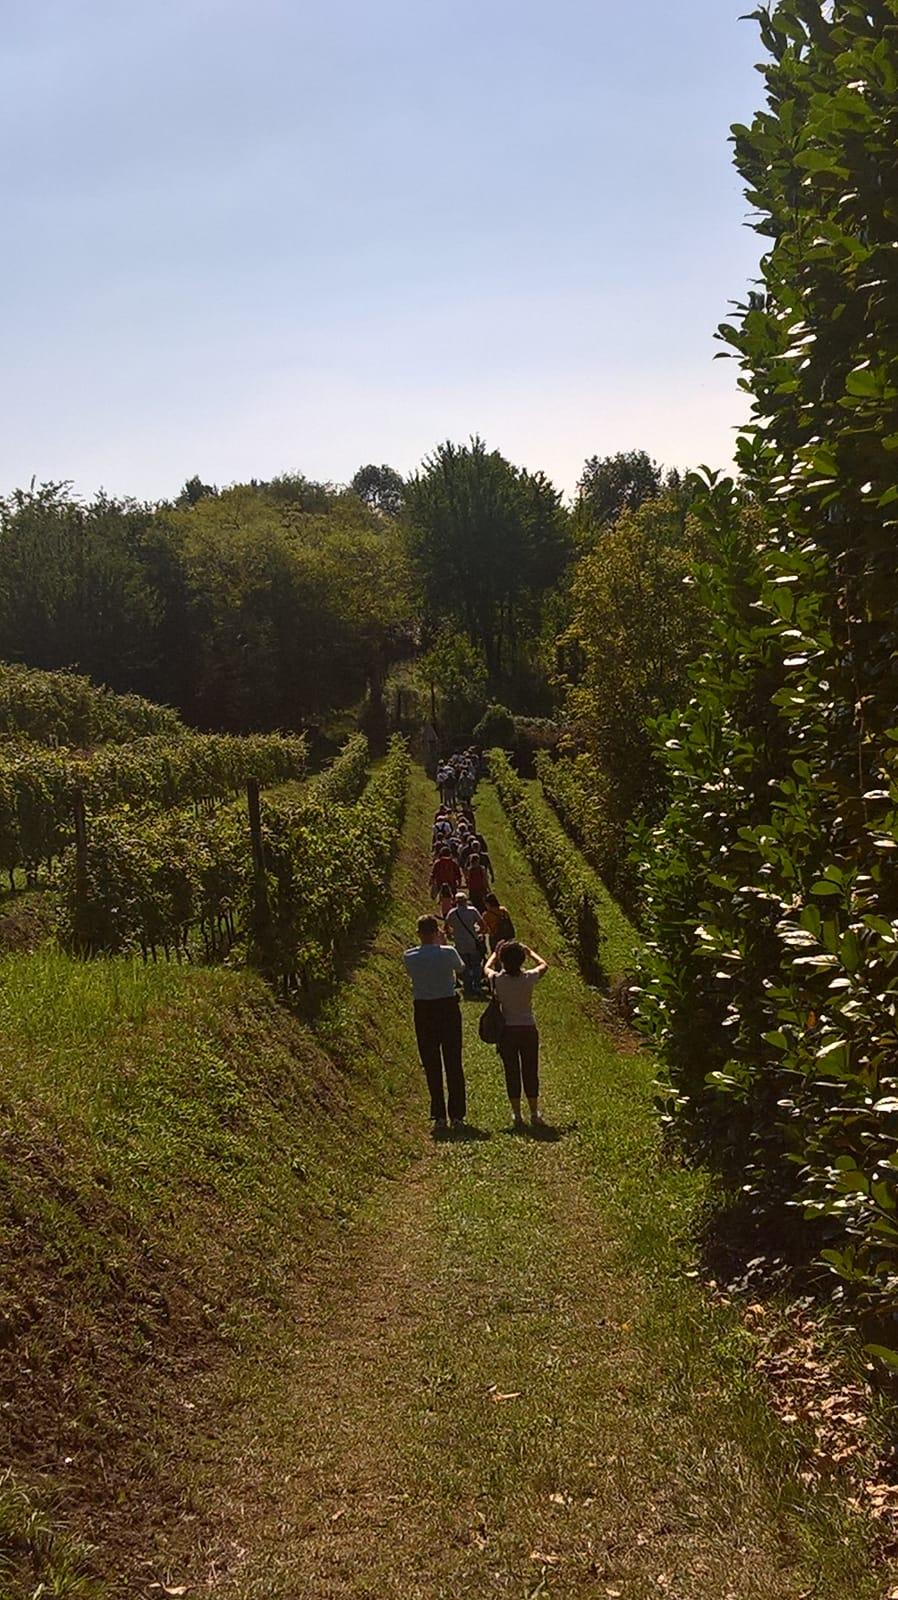 Spaziergang in den Weinbergen